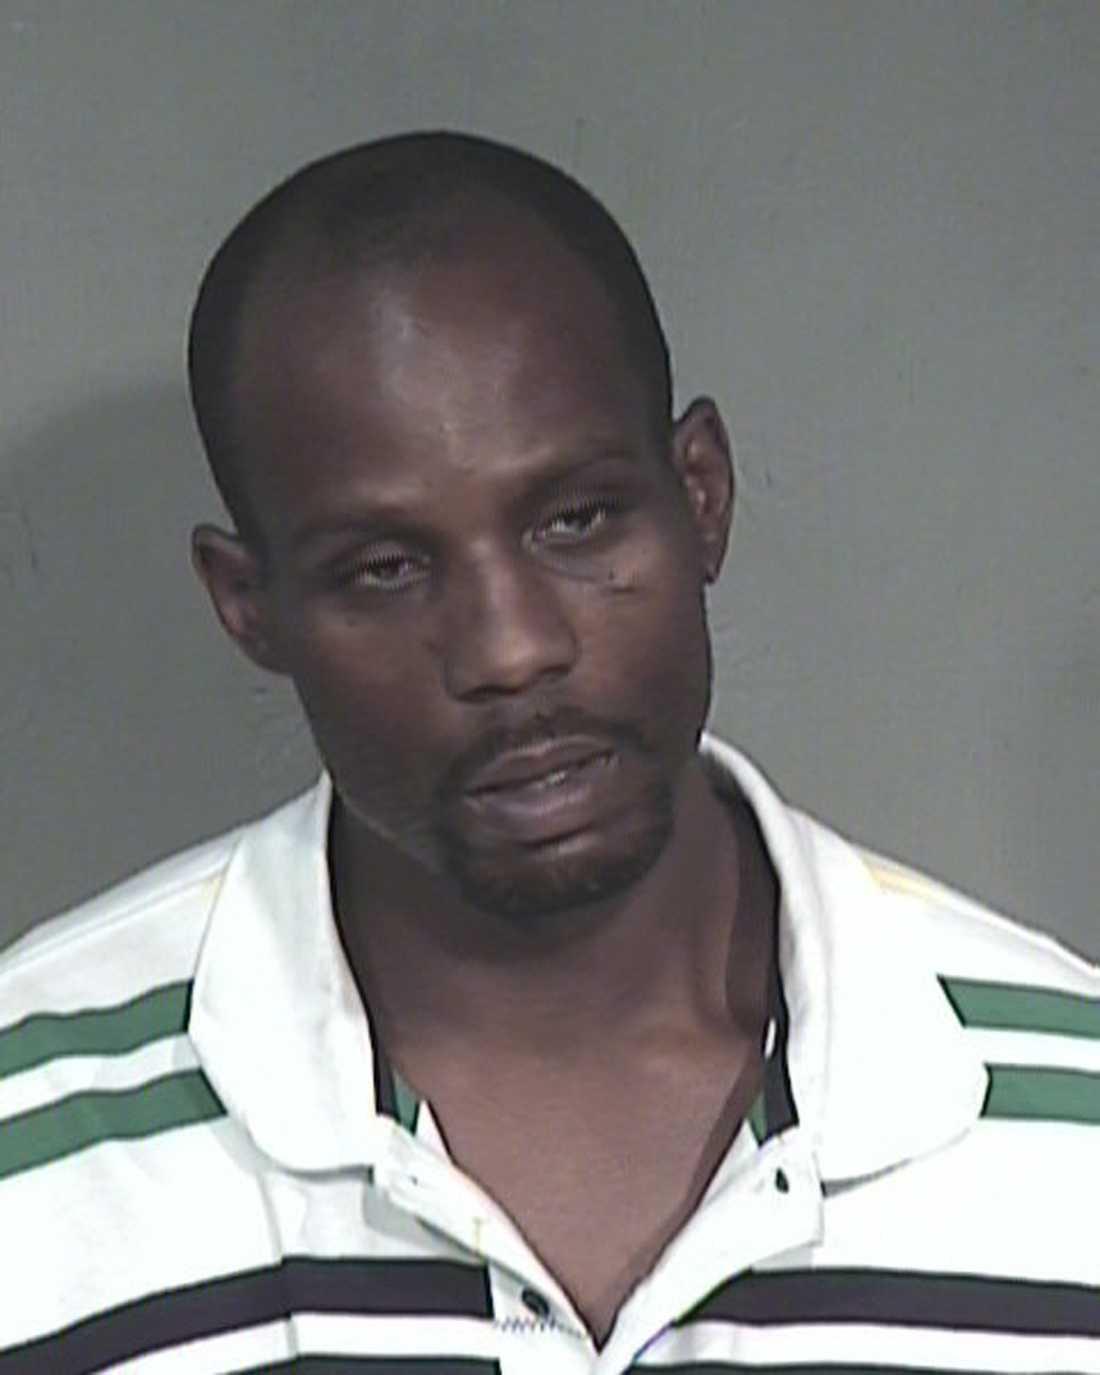 Rapstjärnan DMX har gripits vid ett flertal tillfällen. 2008 togs han in två gånger samma vecka och åtalades för narkotikabrott och djurplågeri.